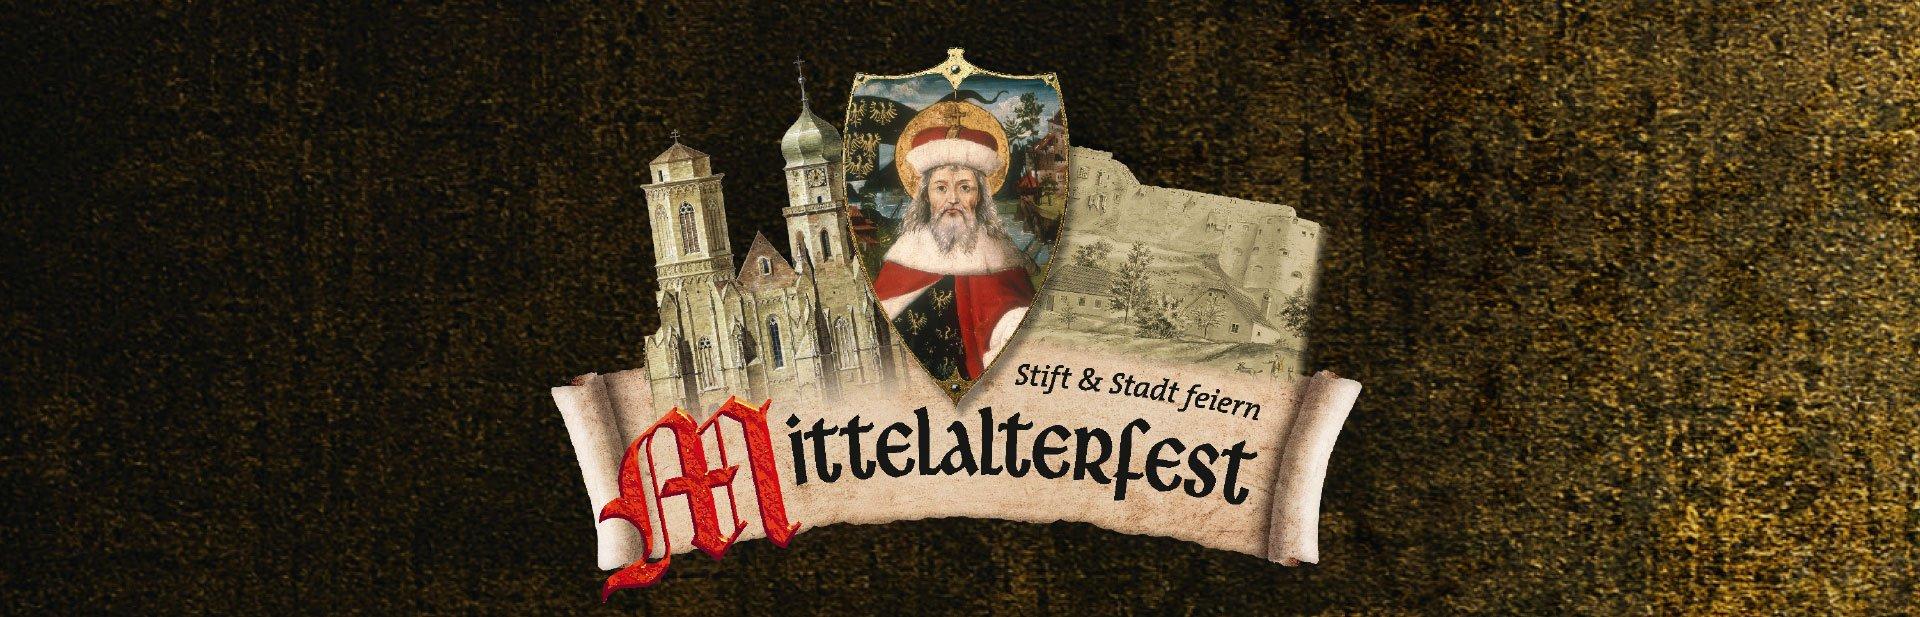 Fahne des Mittelalterfestes im Stift Klosterneuburg